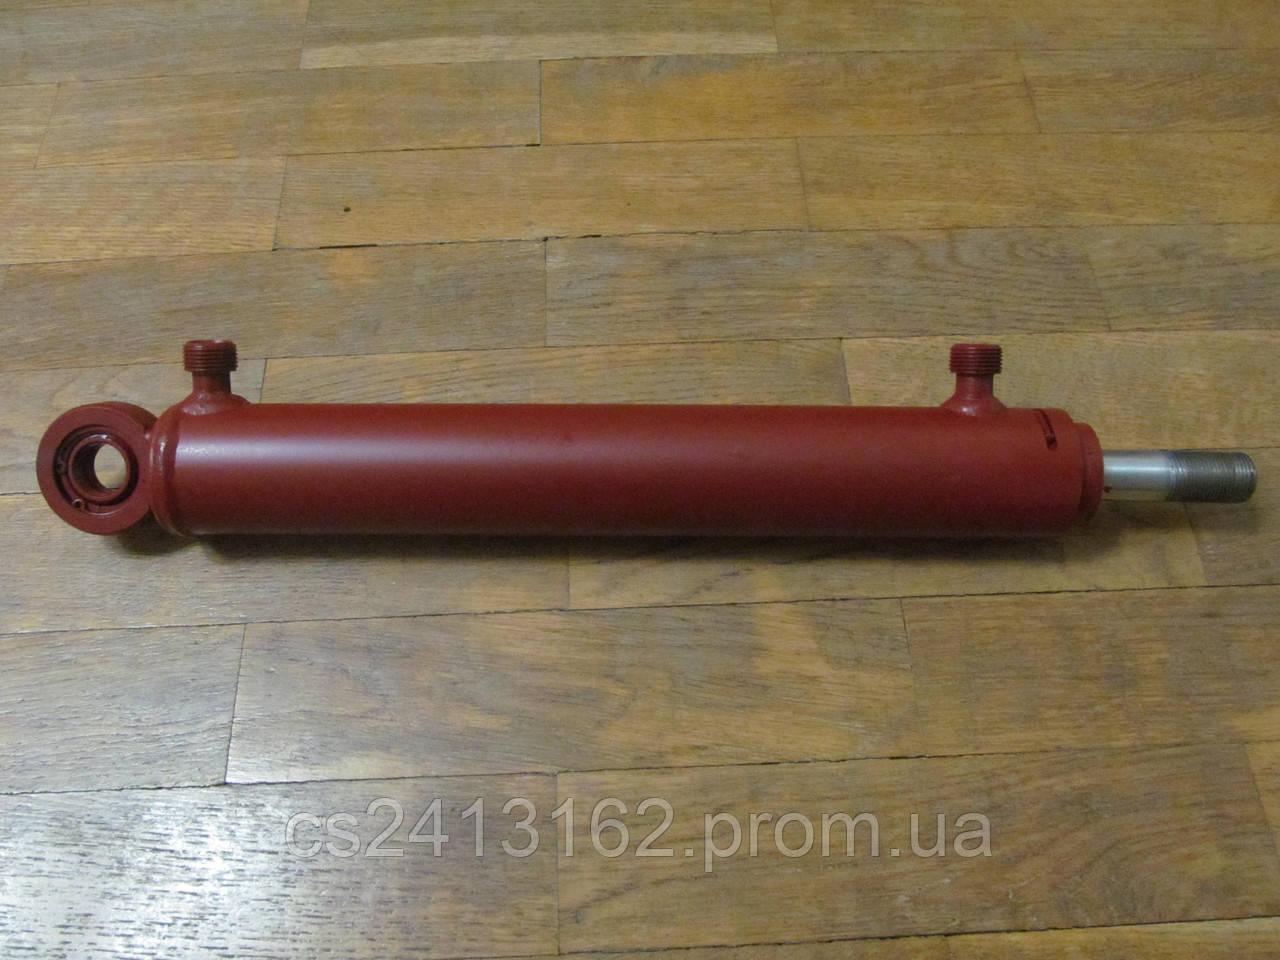 Гидроцилиндр рулевого управления Т-16 Т-25  Ц40*250-12